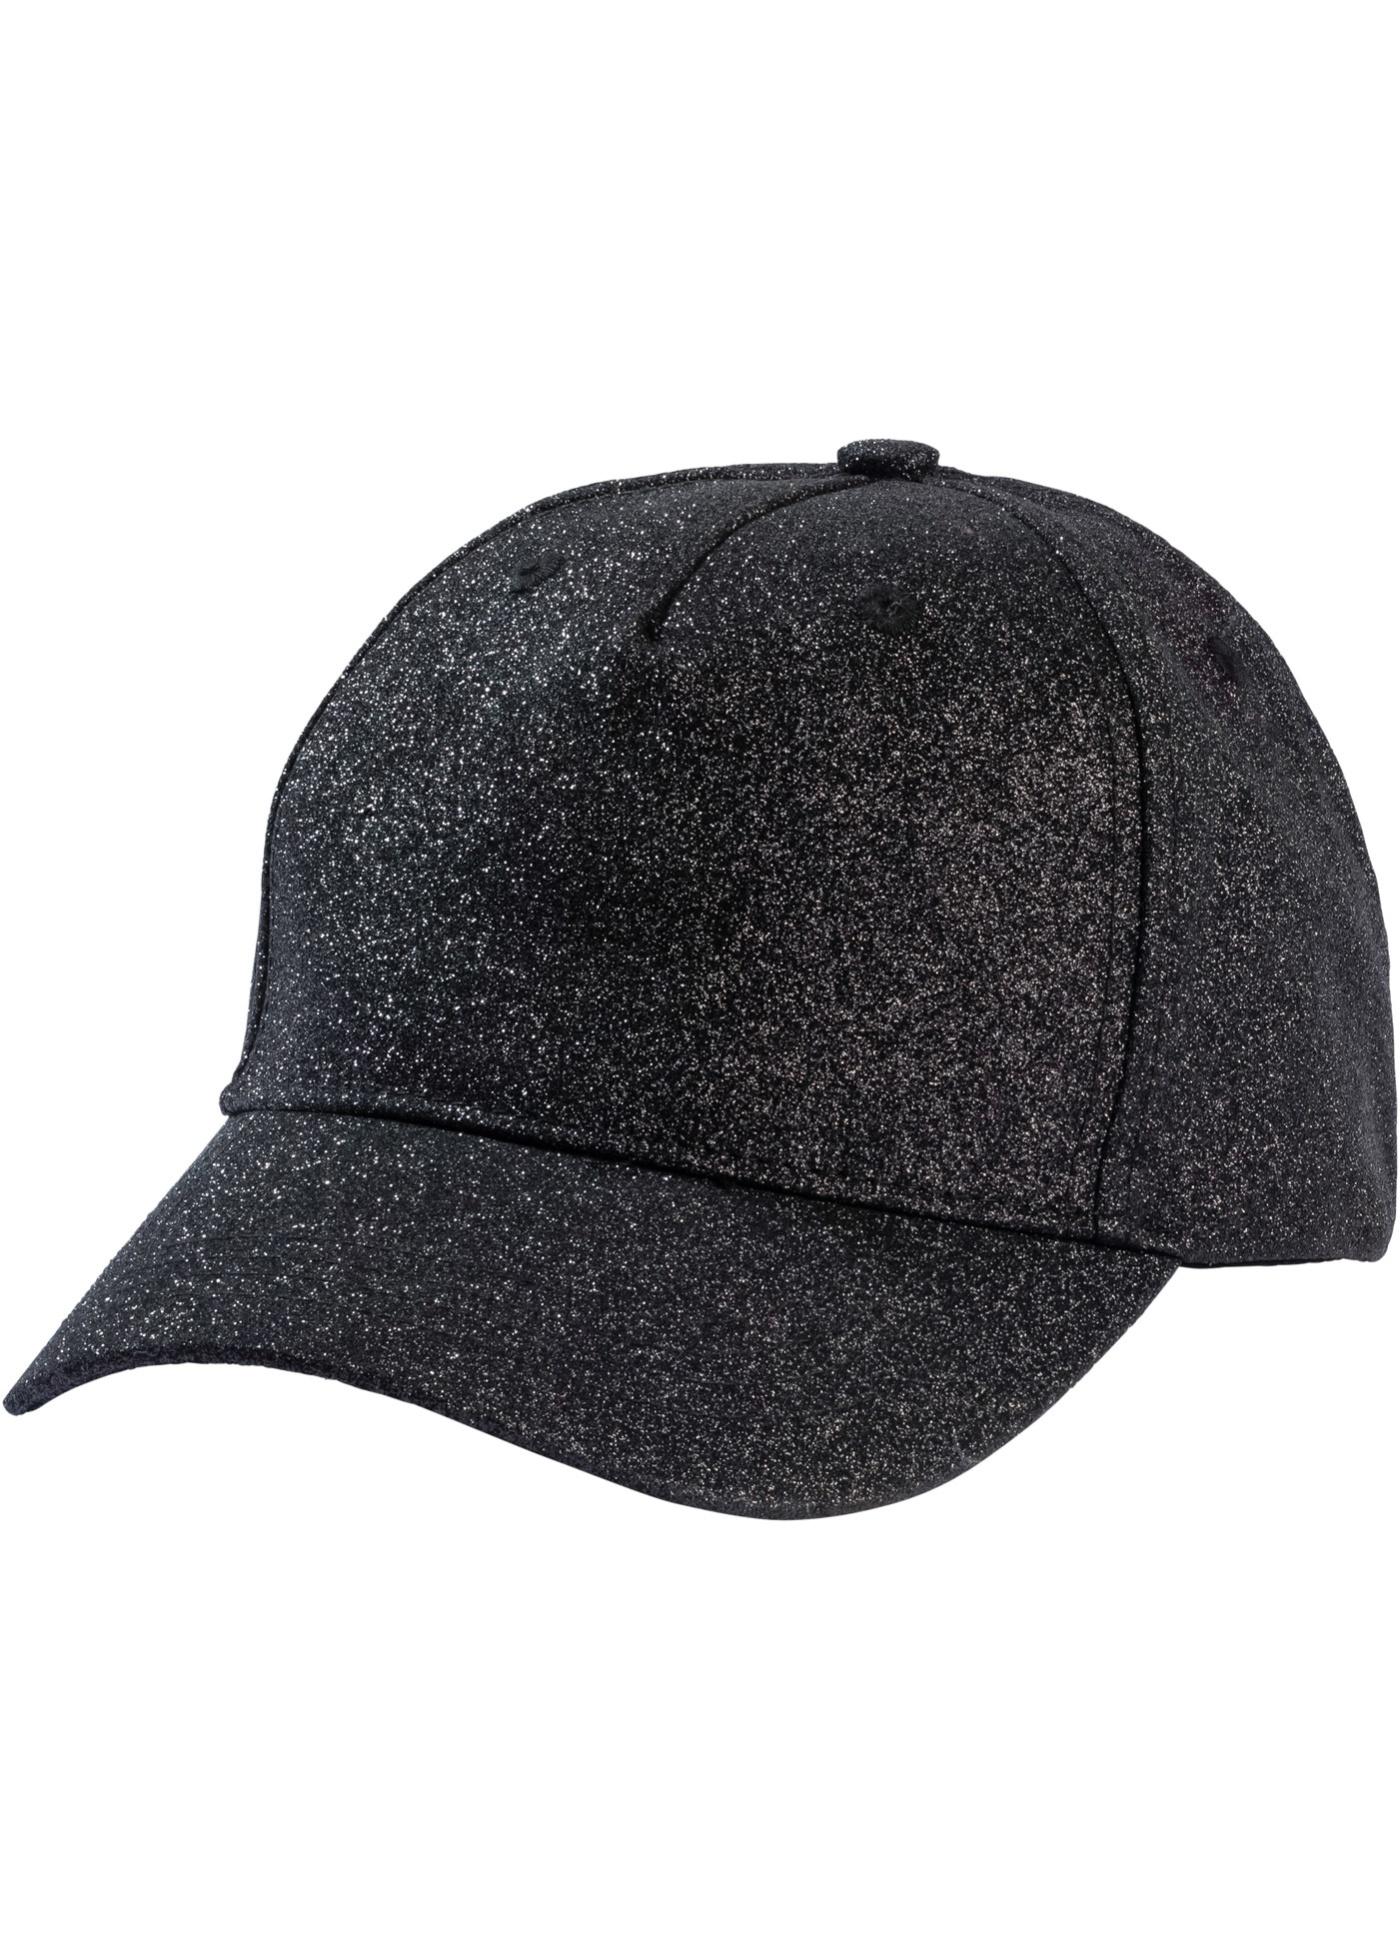 Čepice s kšiltem Lesklá - Černá